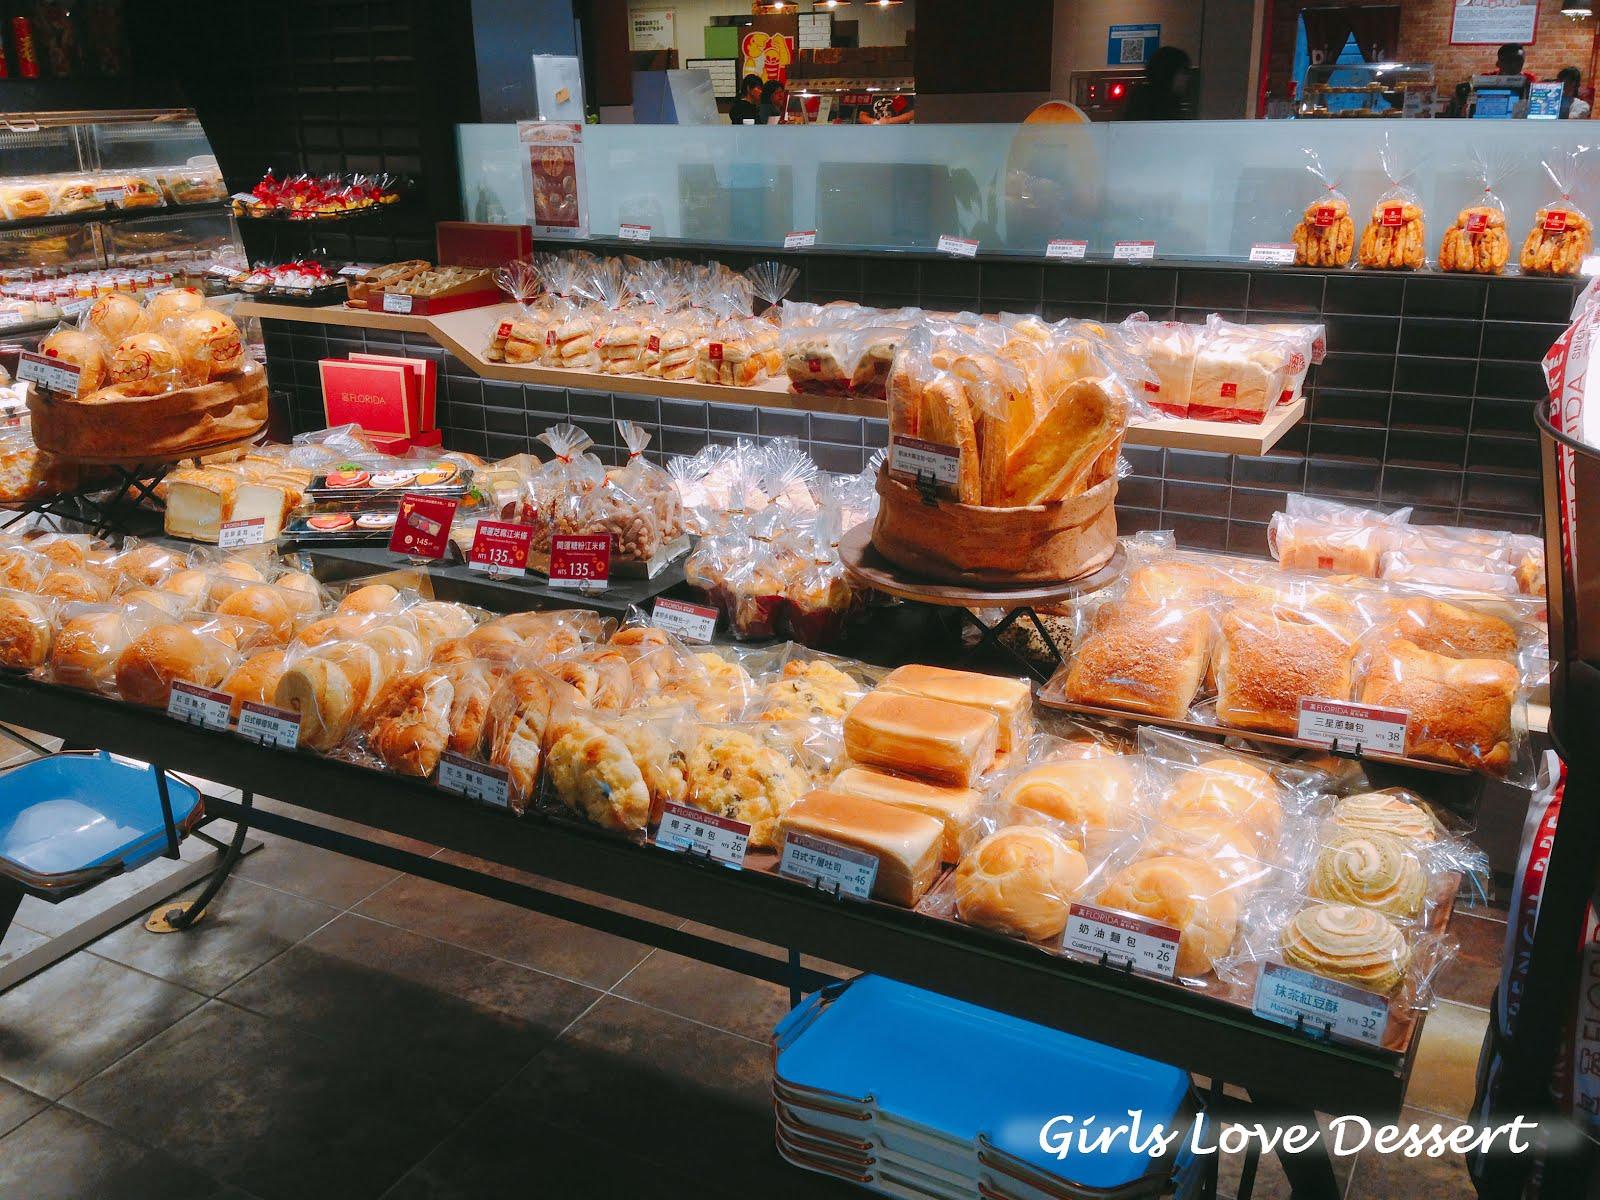 女生愛甜點 Girls Love Dessert: 【臺北南港】FLORIDA 福利麵包 樣式繽紛迷人的翻糖餅乾